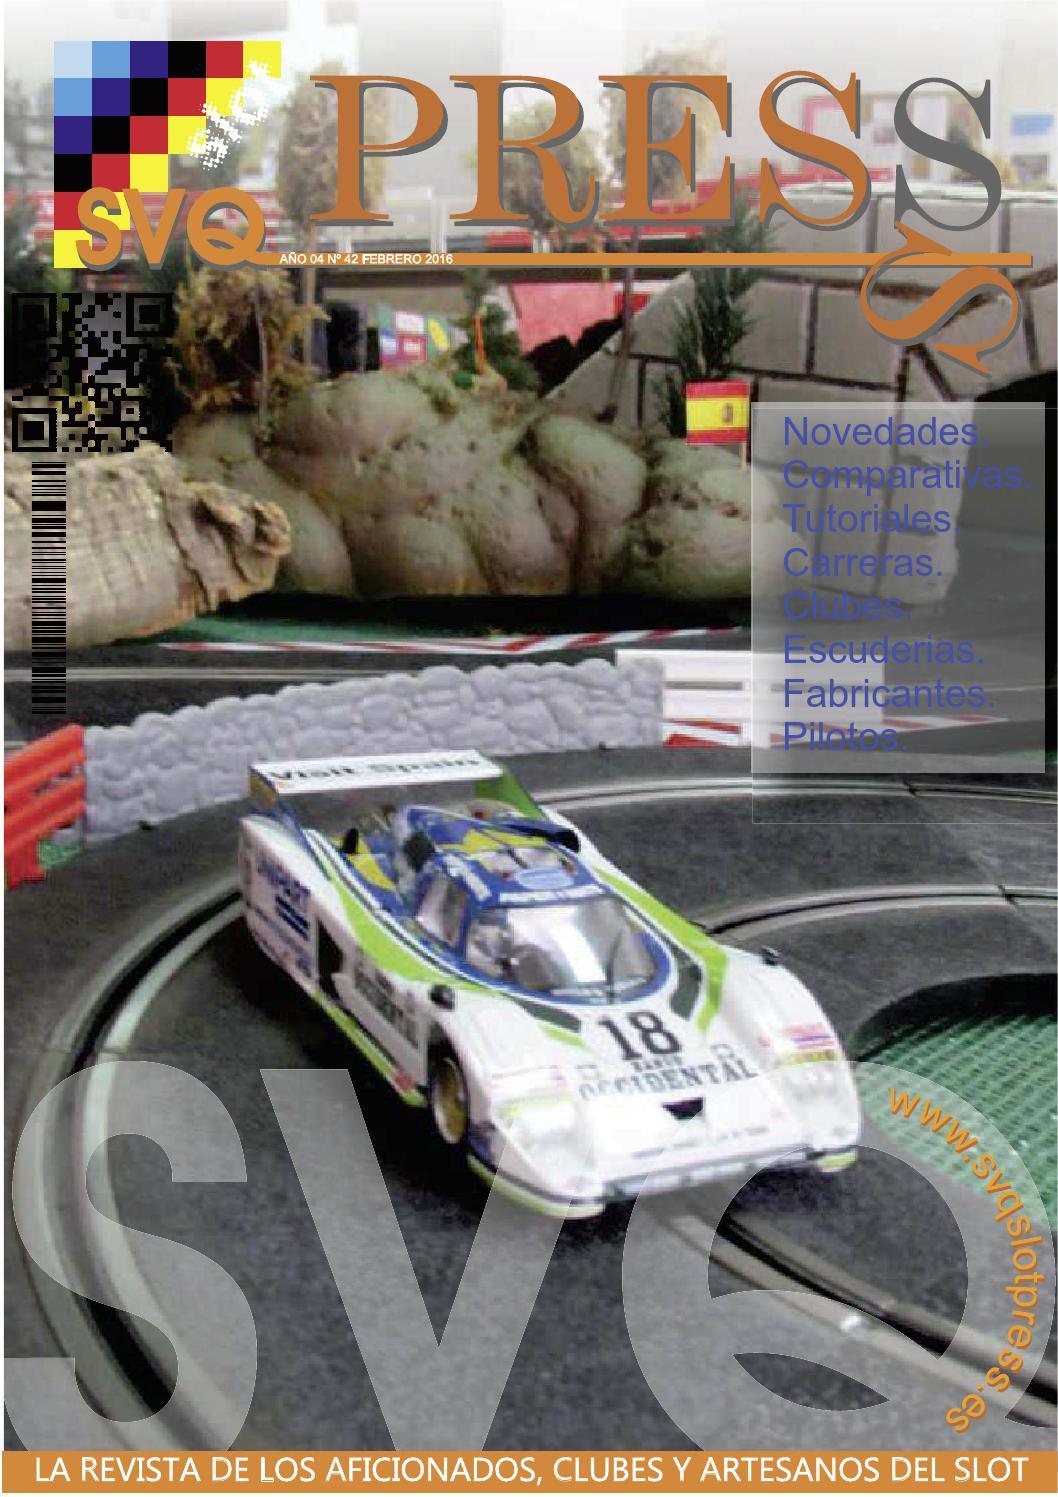 Revista Svq-slot Press Febrero 2016 by Svq-slot Press - issuu